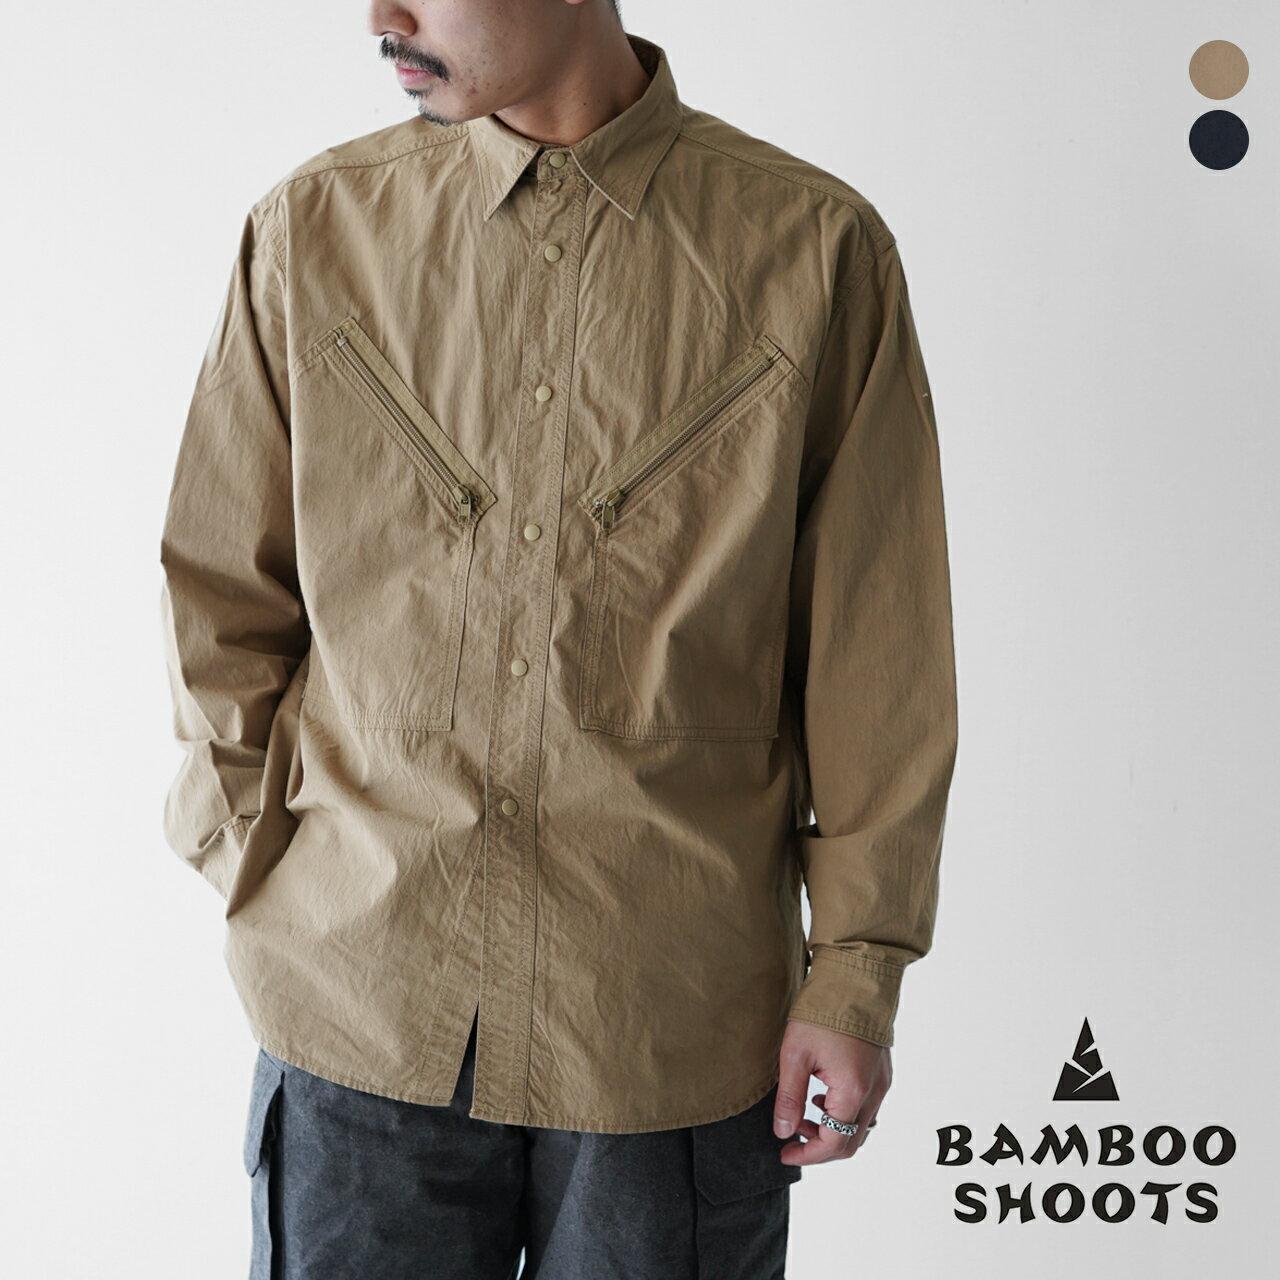 トップス, カジュアルシャツ SALE50OFF M210104 BAMBOO SHOOTSMOUNTAIN RESEARCH HIKING SHIRTS 0306SALE